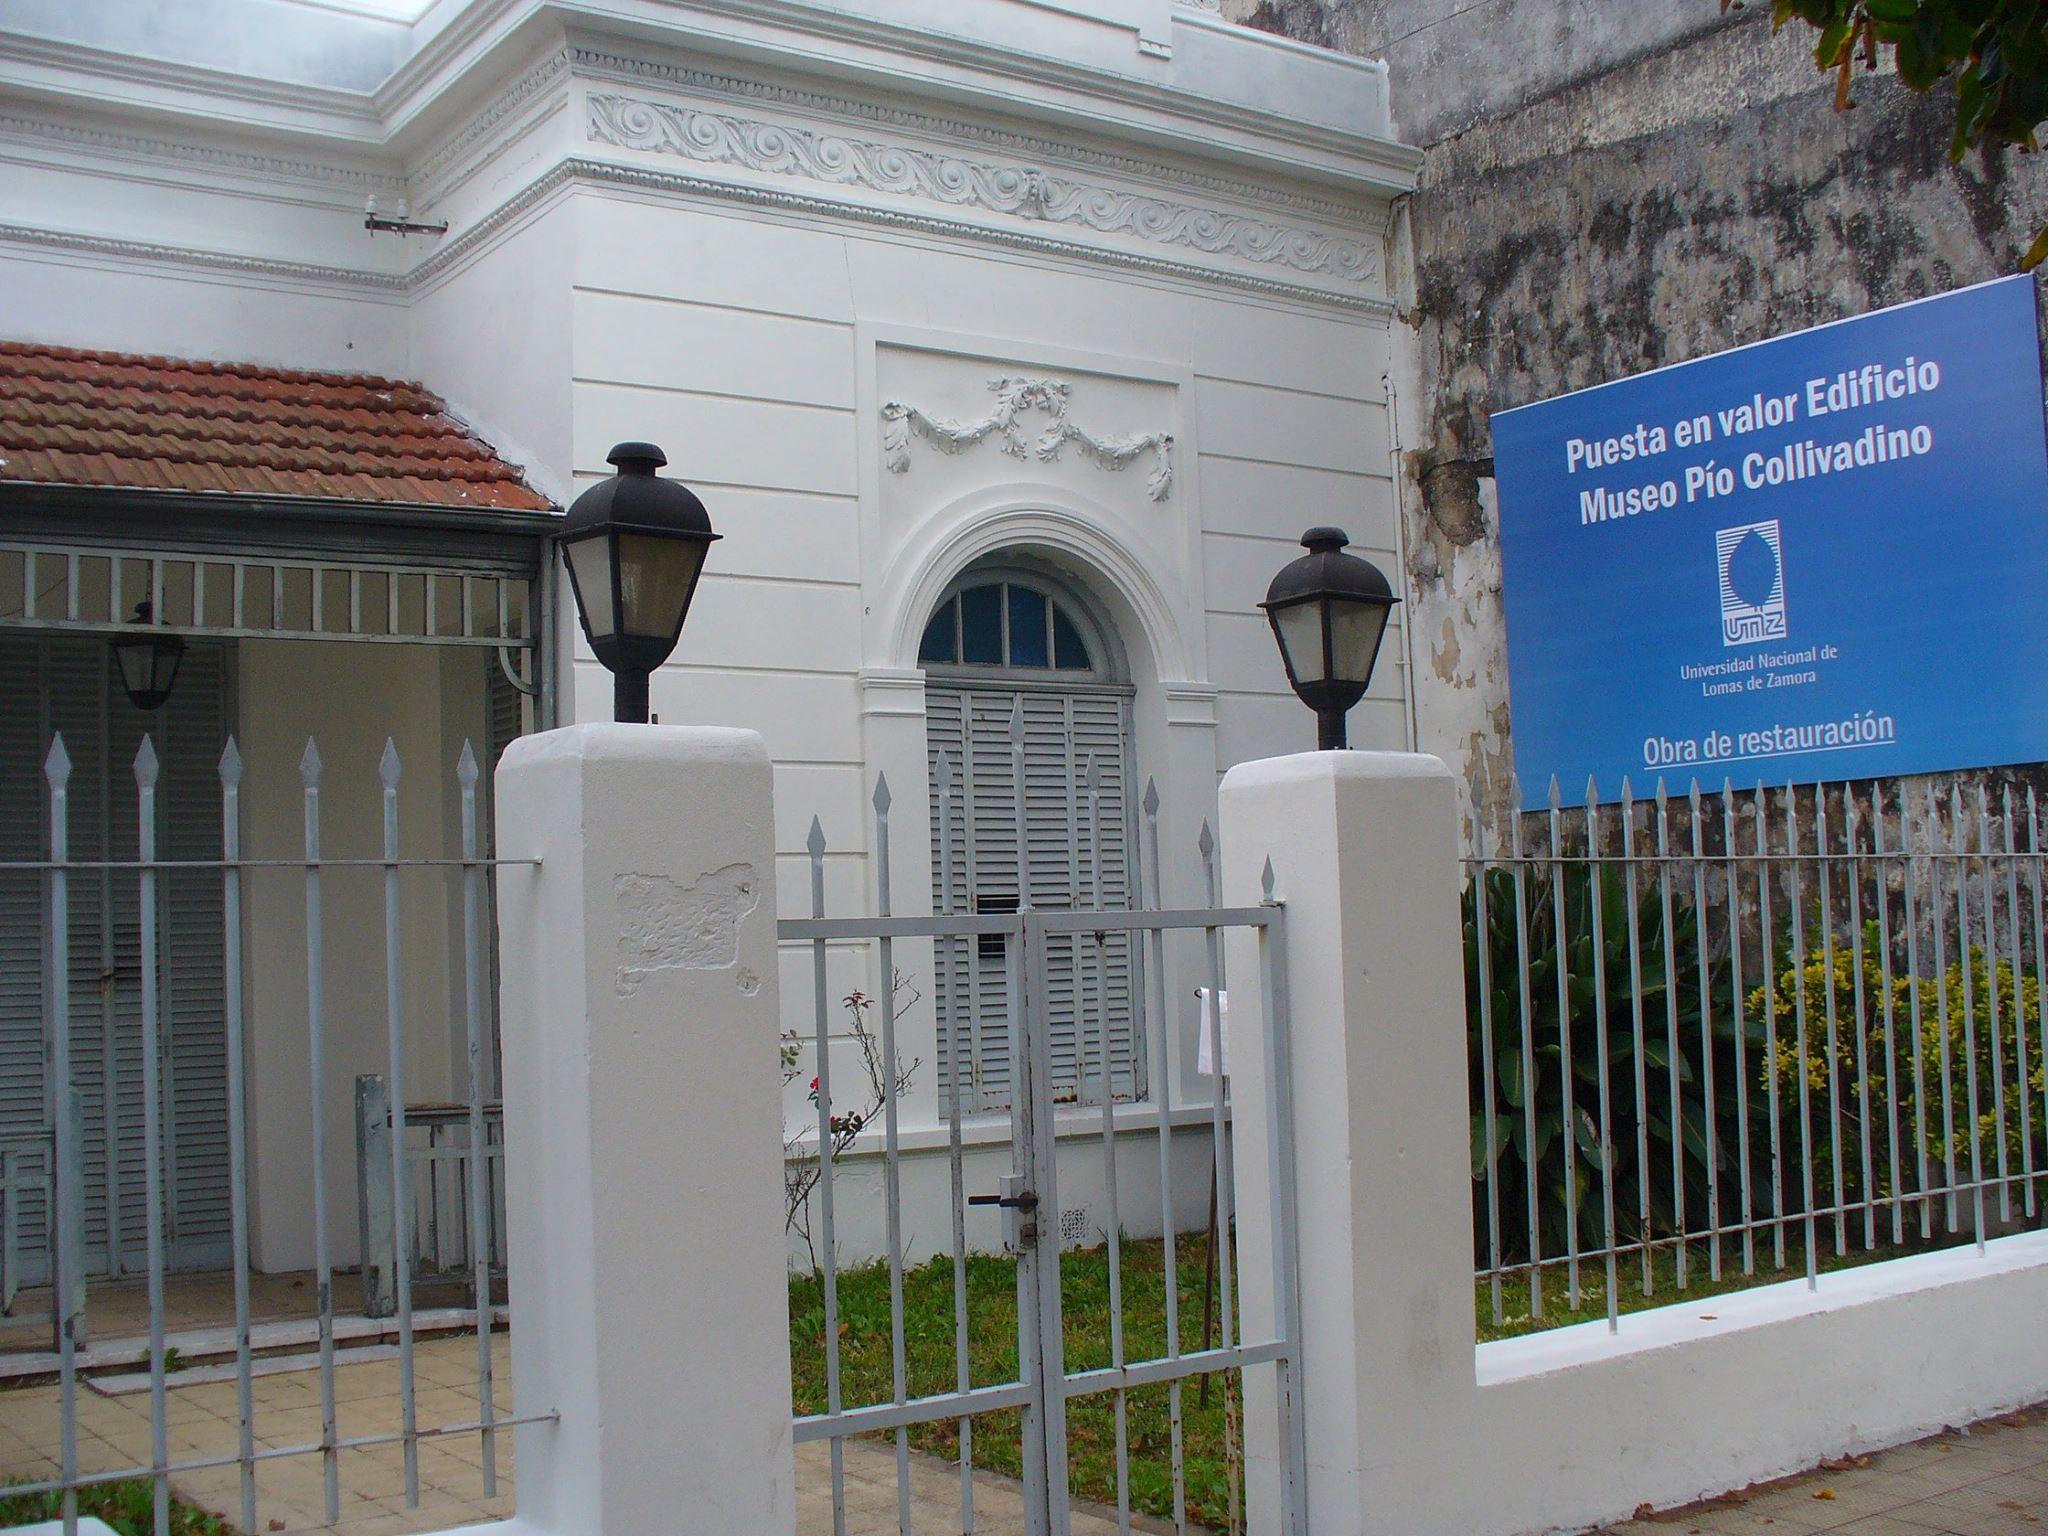 Remodelación del Museo Pío Collivadino